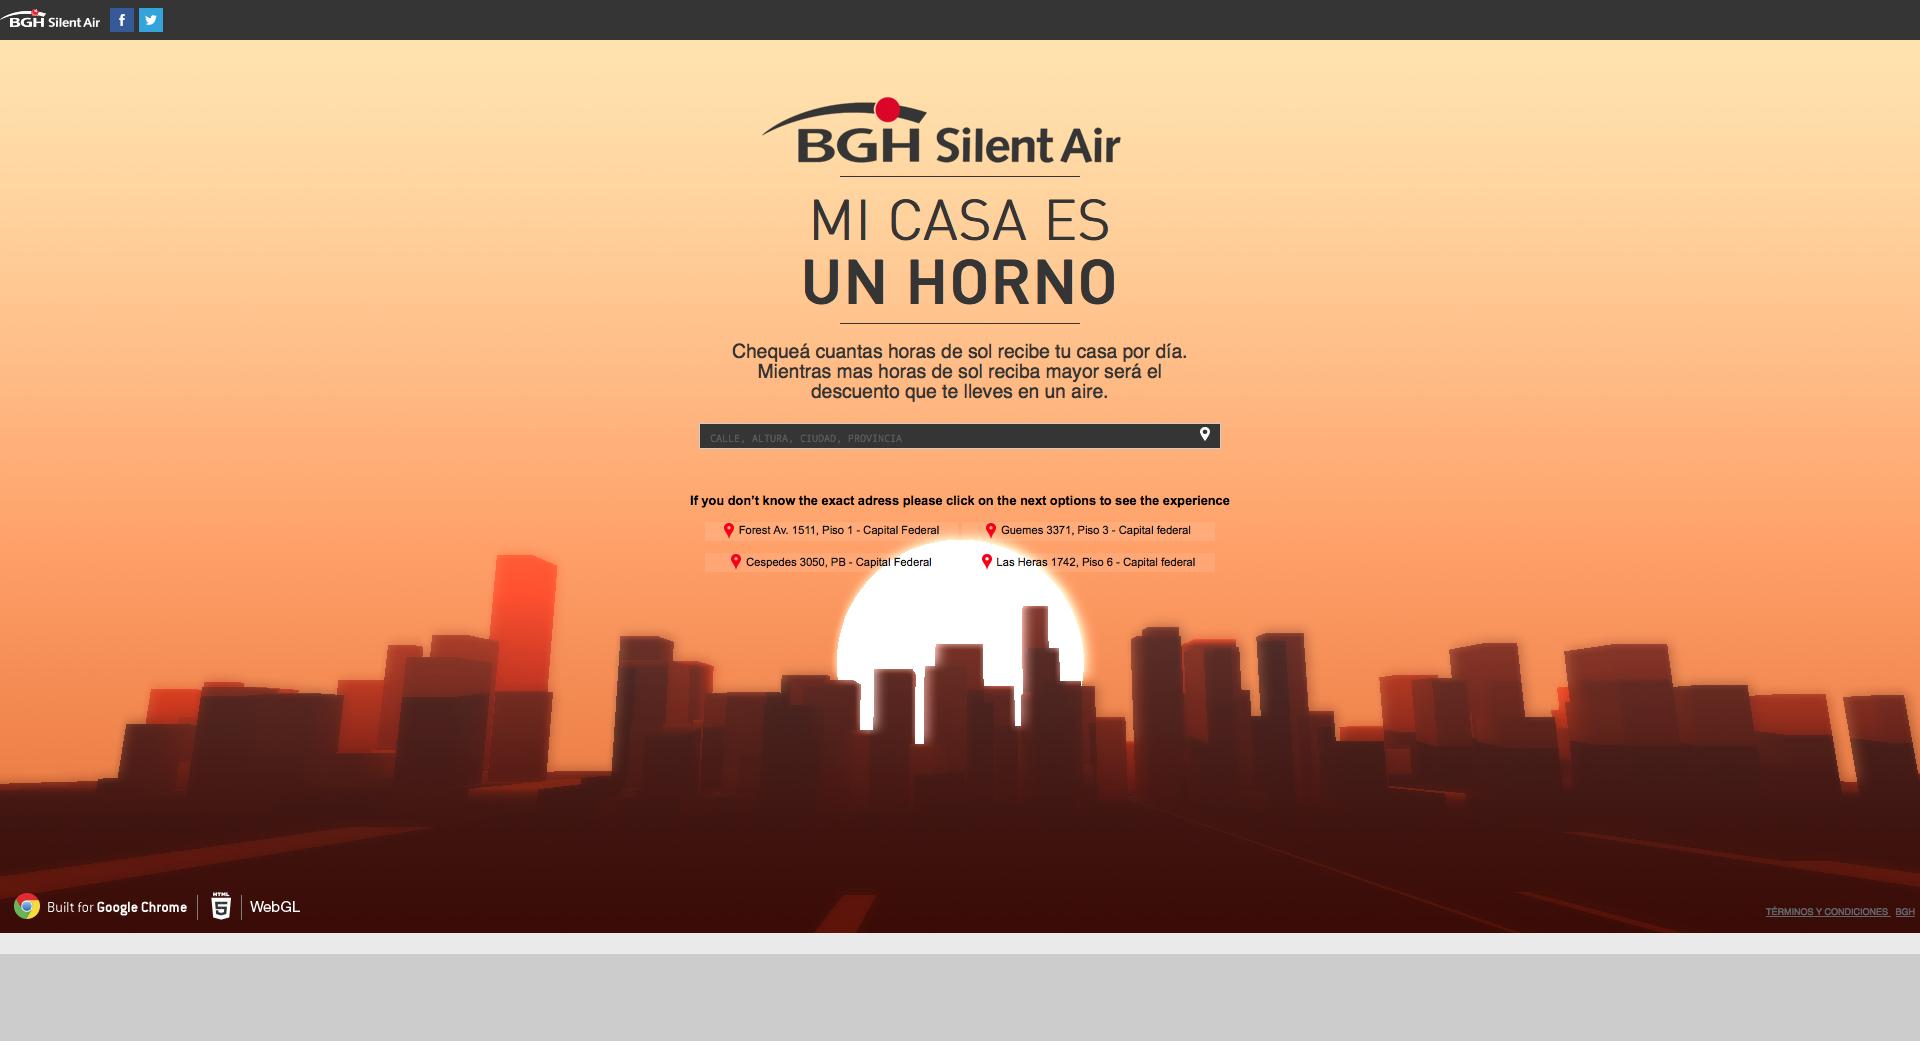 Mi Casa Es Un Horno BGH Silent Air 2014 06 03 10 13 08